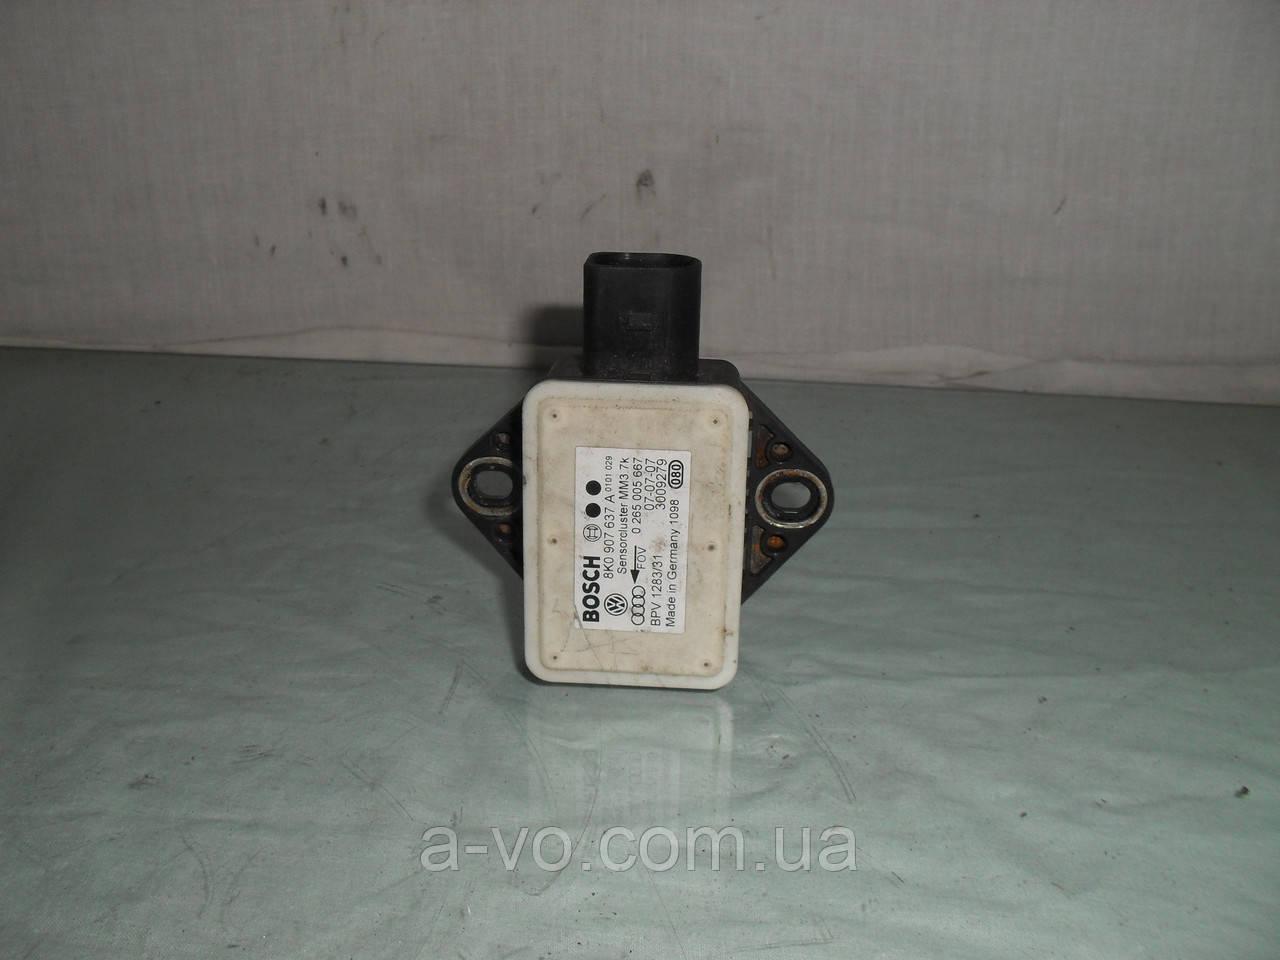 Датчик продольного ускорения ESP Audi A4 B8, 8K0907637A